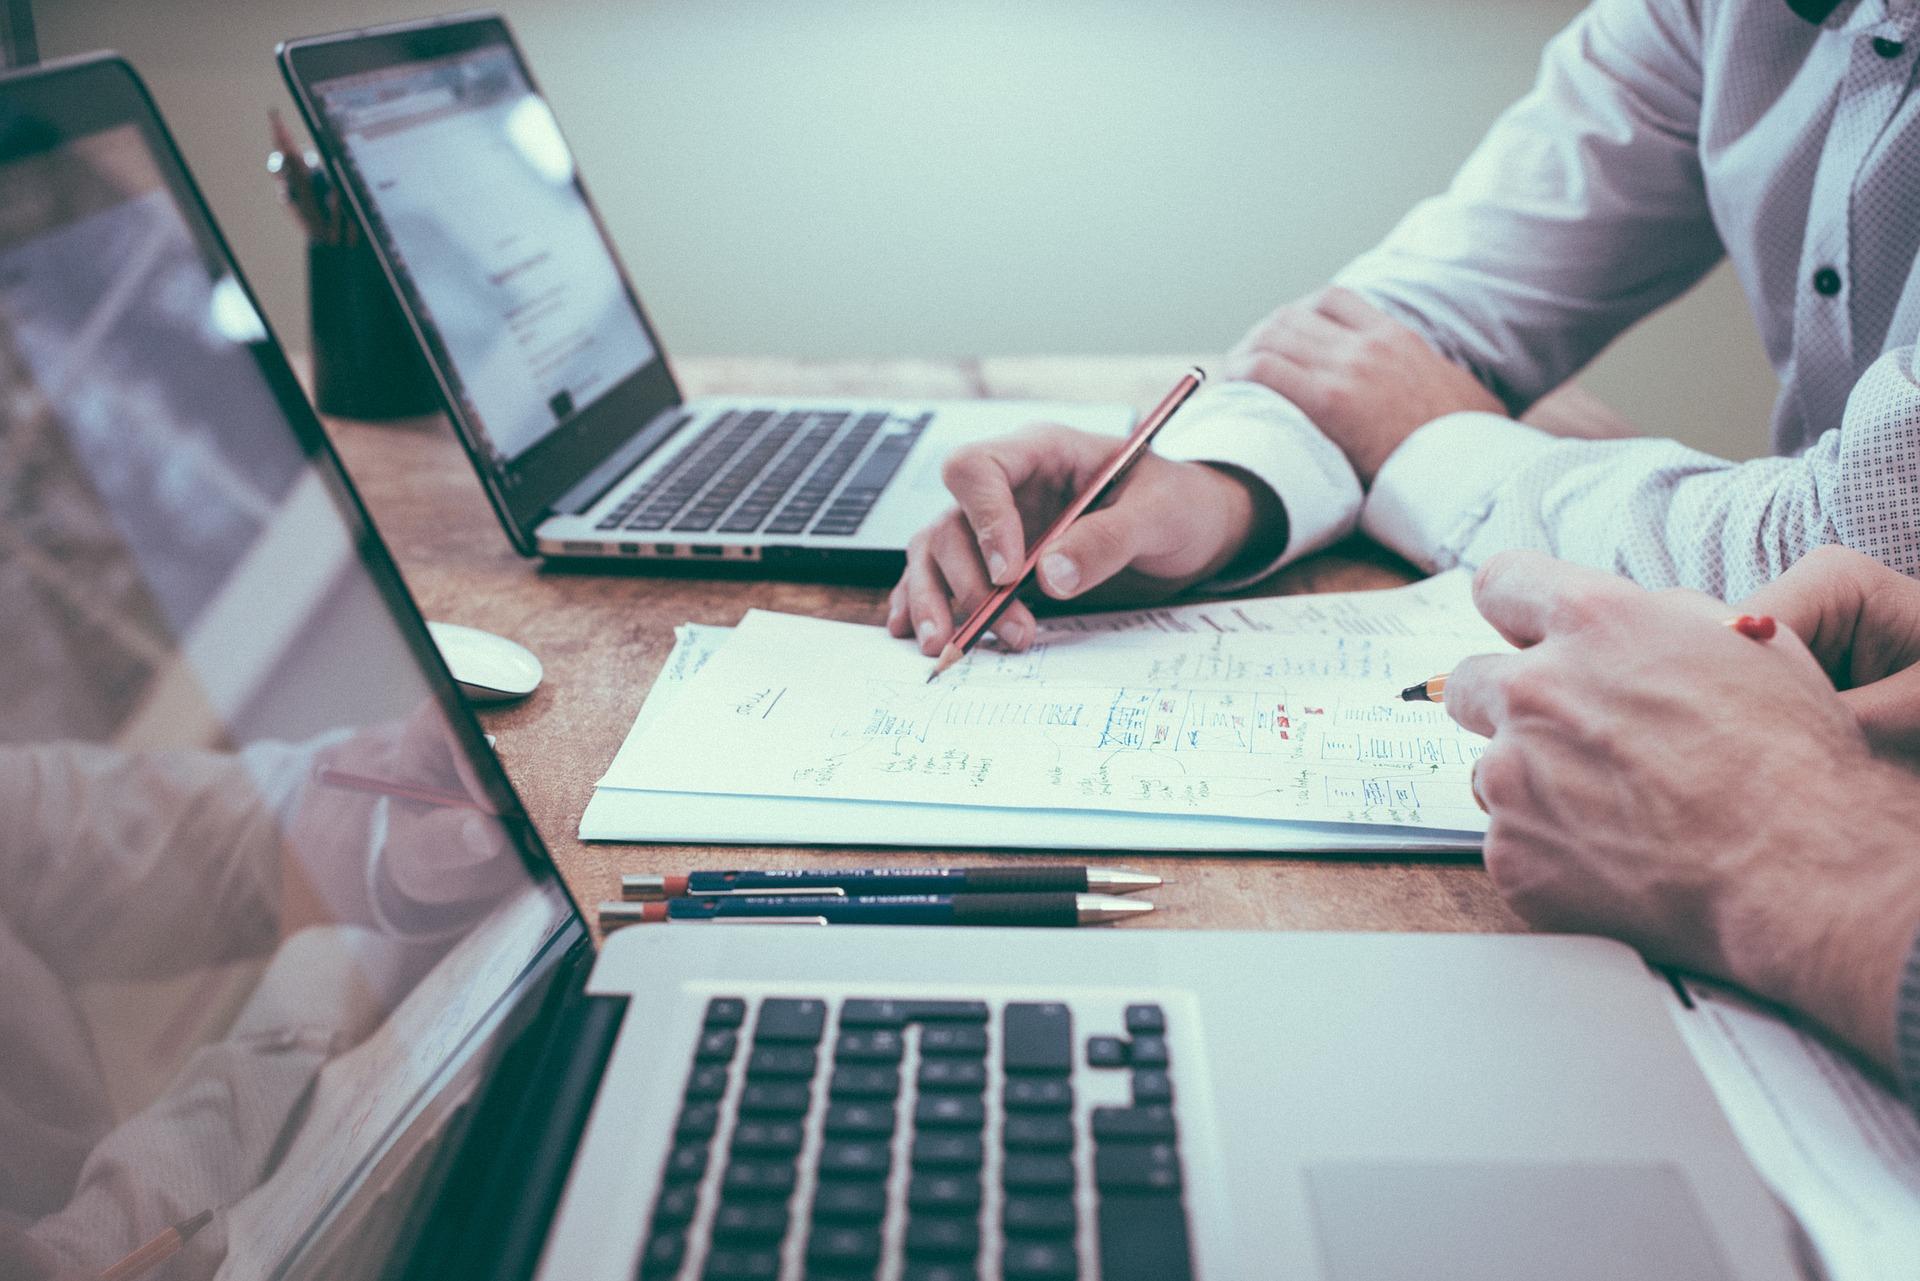 Apprendista Informatico Helpdesk - Offerte di lavoro a Caserta